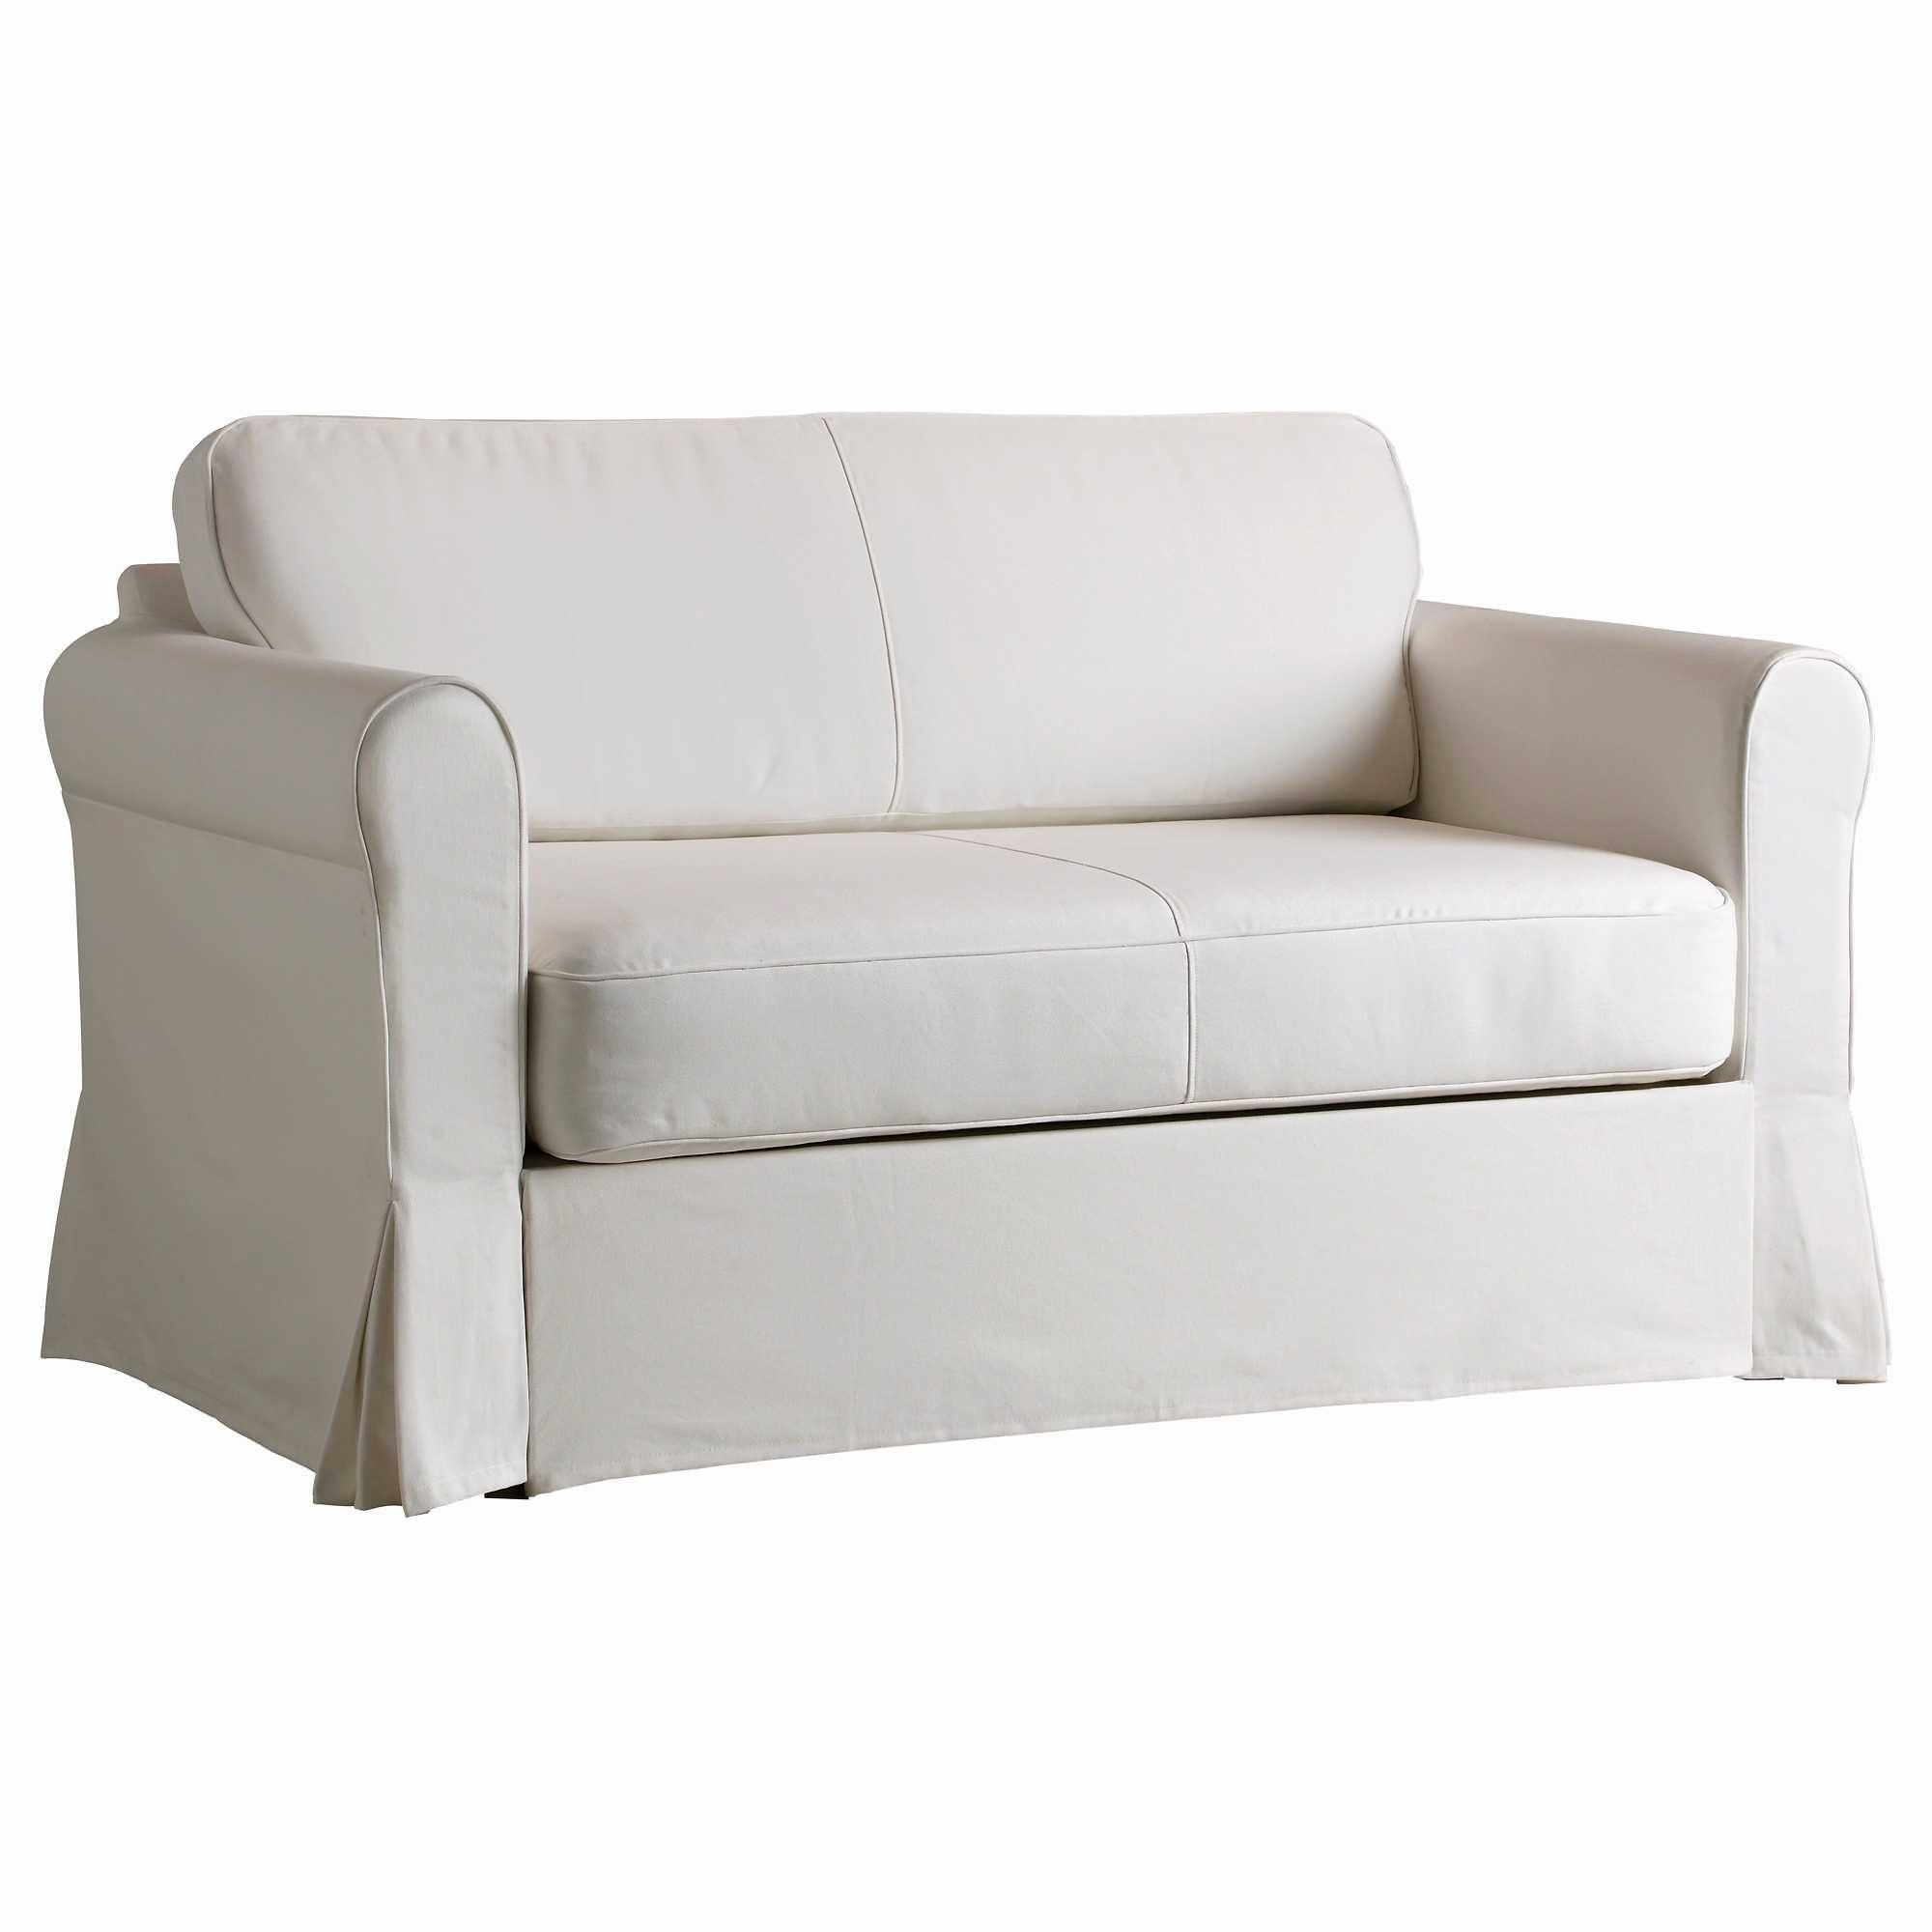 Canapé Lit Convertible Couchage Quotidien Impressionnant Quel Canapé Convertible Pour Couchage Quoti N 32 De Luxes Canapé